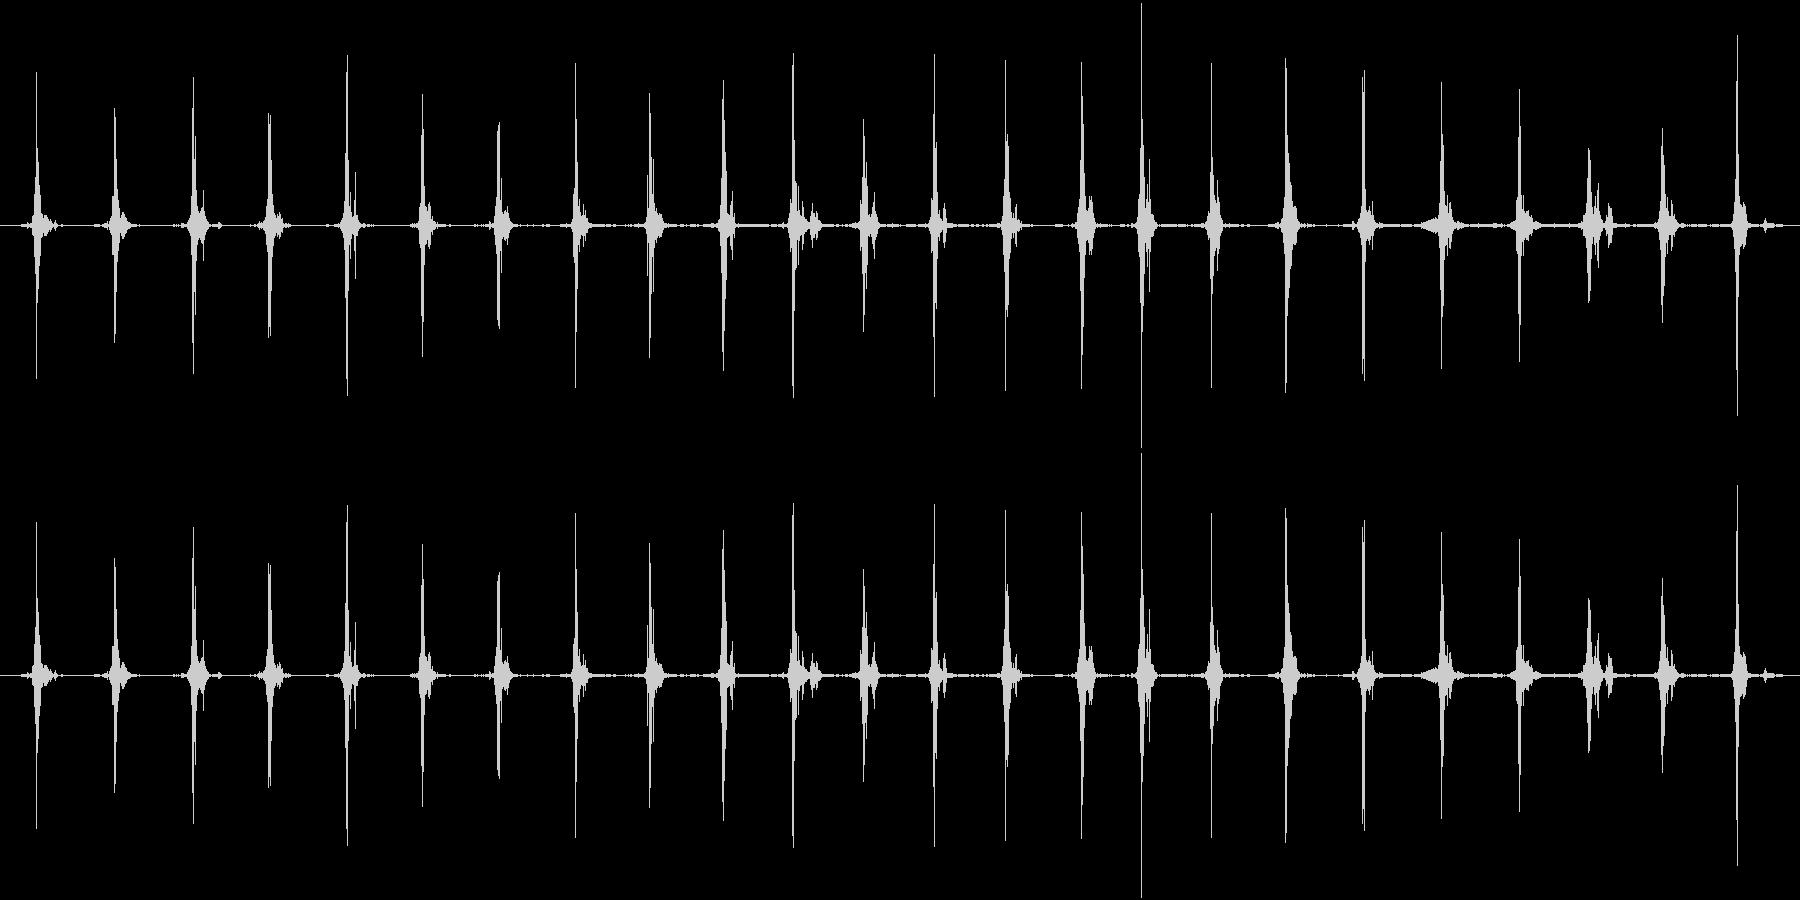 鳥 翼フラップ03の未再生の波形